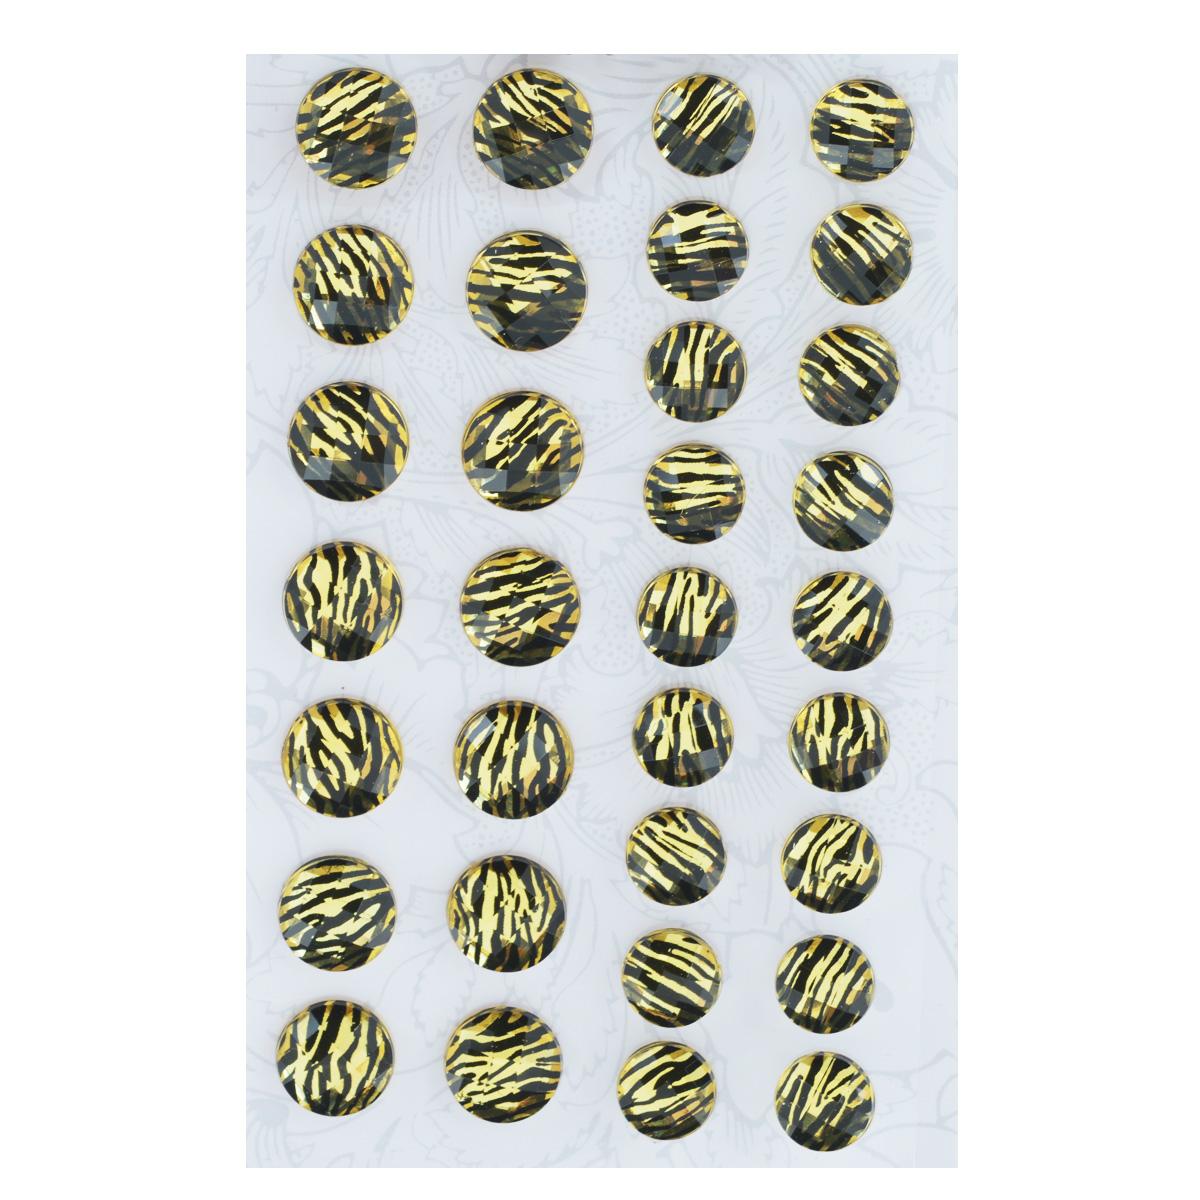 Наклейки декоративные Астра, цвет: желтый, 32 шт. 77083527708352Декоративные наклейки Астра, изготовленные из пластика, прекрасно подойдут для оформления творческих работ в технике скрапбукинга. Их можно использовать для украшения фотоальбомов, скрап-страничек, подарков, конвертов, фоторамок, открыток и т.д. Объемные наклейки круглой формы, декорированные анималистичным принтом, оснащены задней клейкой стороной. Скрапбукинг - это хобби, которое способно приносить массу приятных эмоций не только человеку, который этим занимается, но и его близким, друзьям, родным. Это невероятно увлекательное занятие, которое поможет вам сохранить наиболее памятные и яркие моменты вашей жизни, а также интересно оформить интерьер дома. Диаметр наклеек: 10 мм, 12 мм.